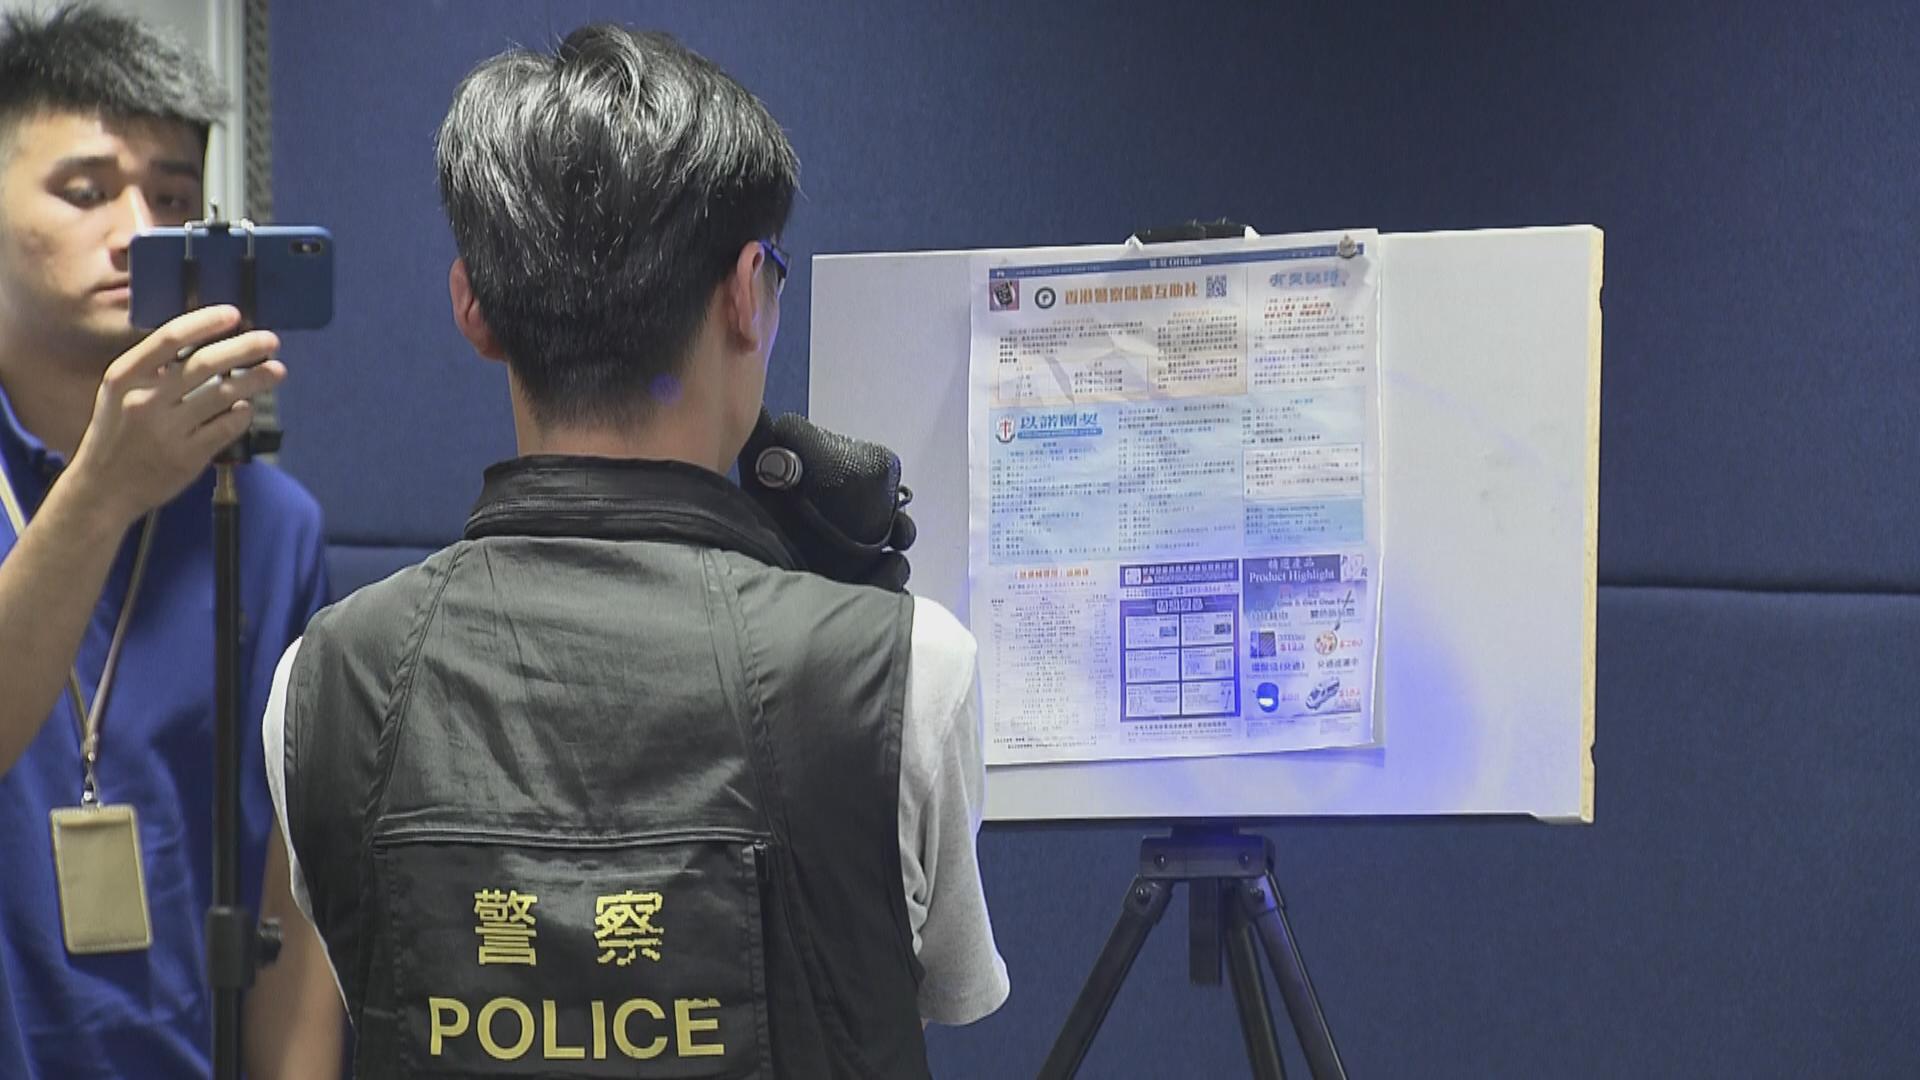 警方:示範雷射槍讓公眾知情 不影響日後審訊